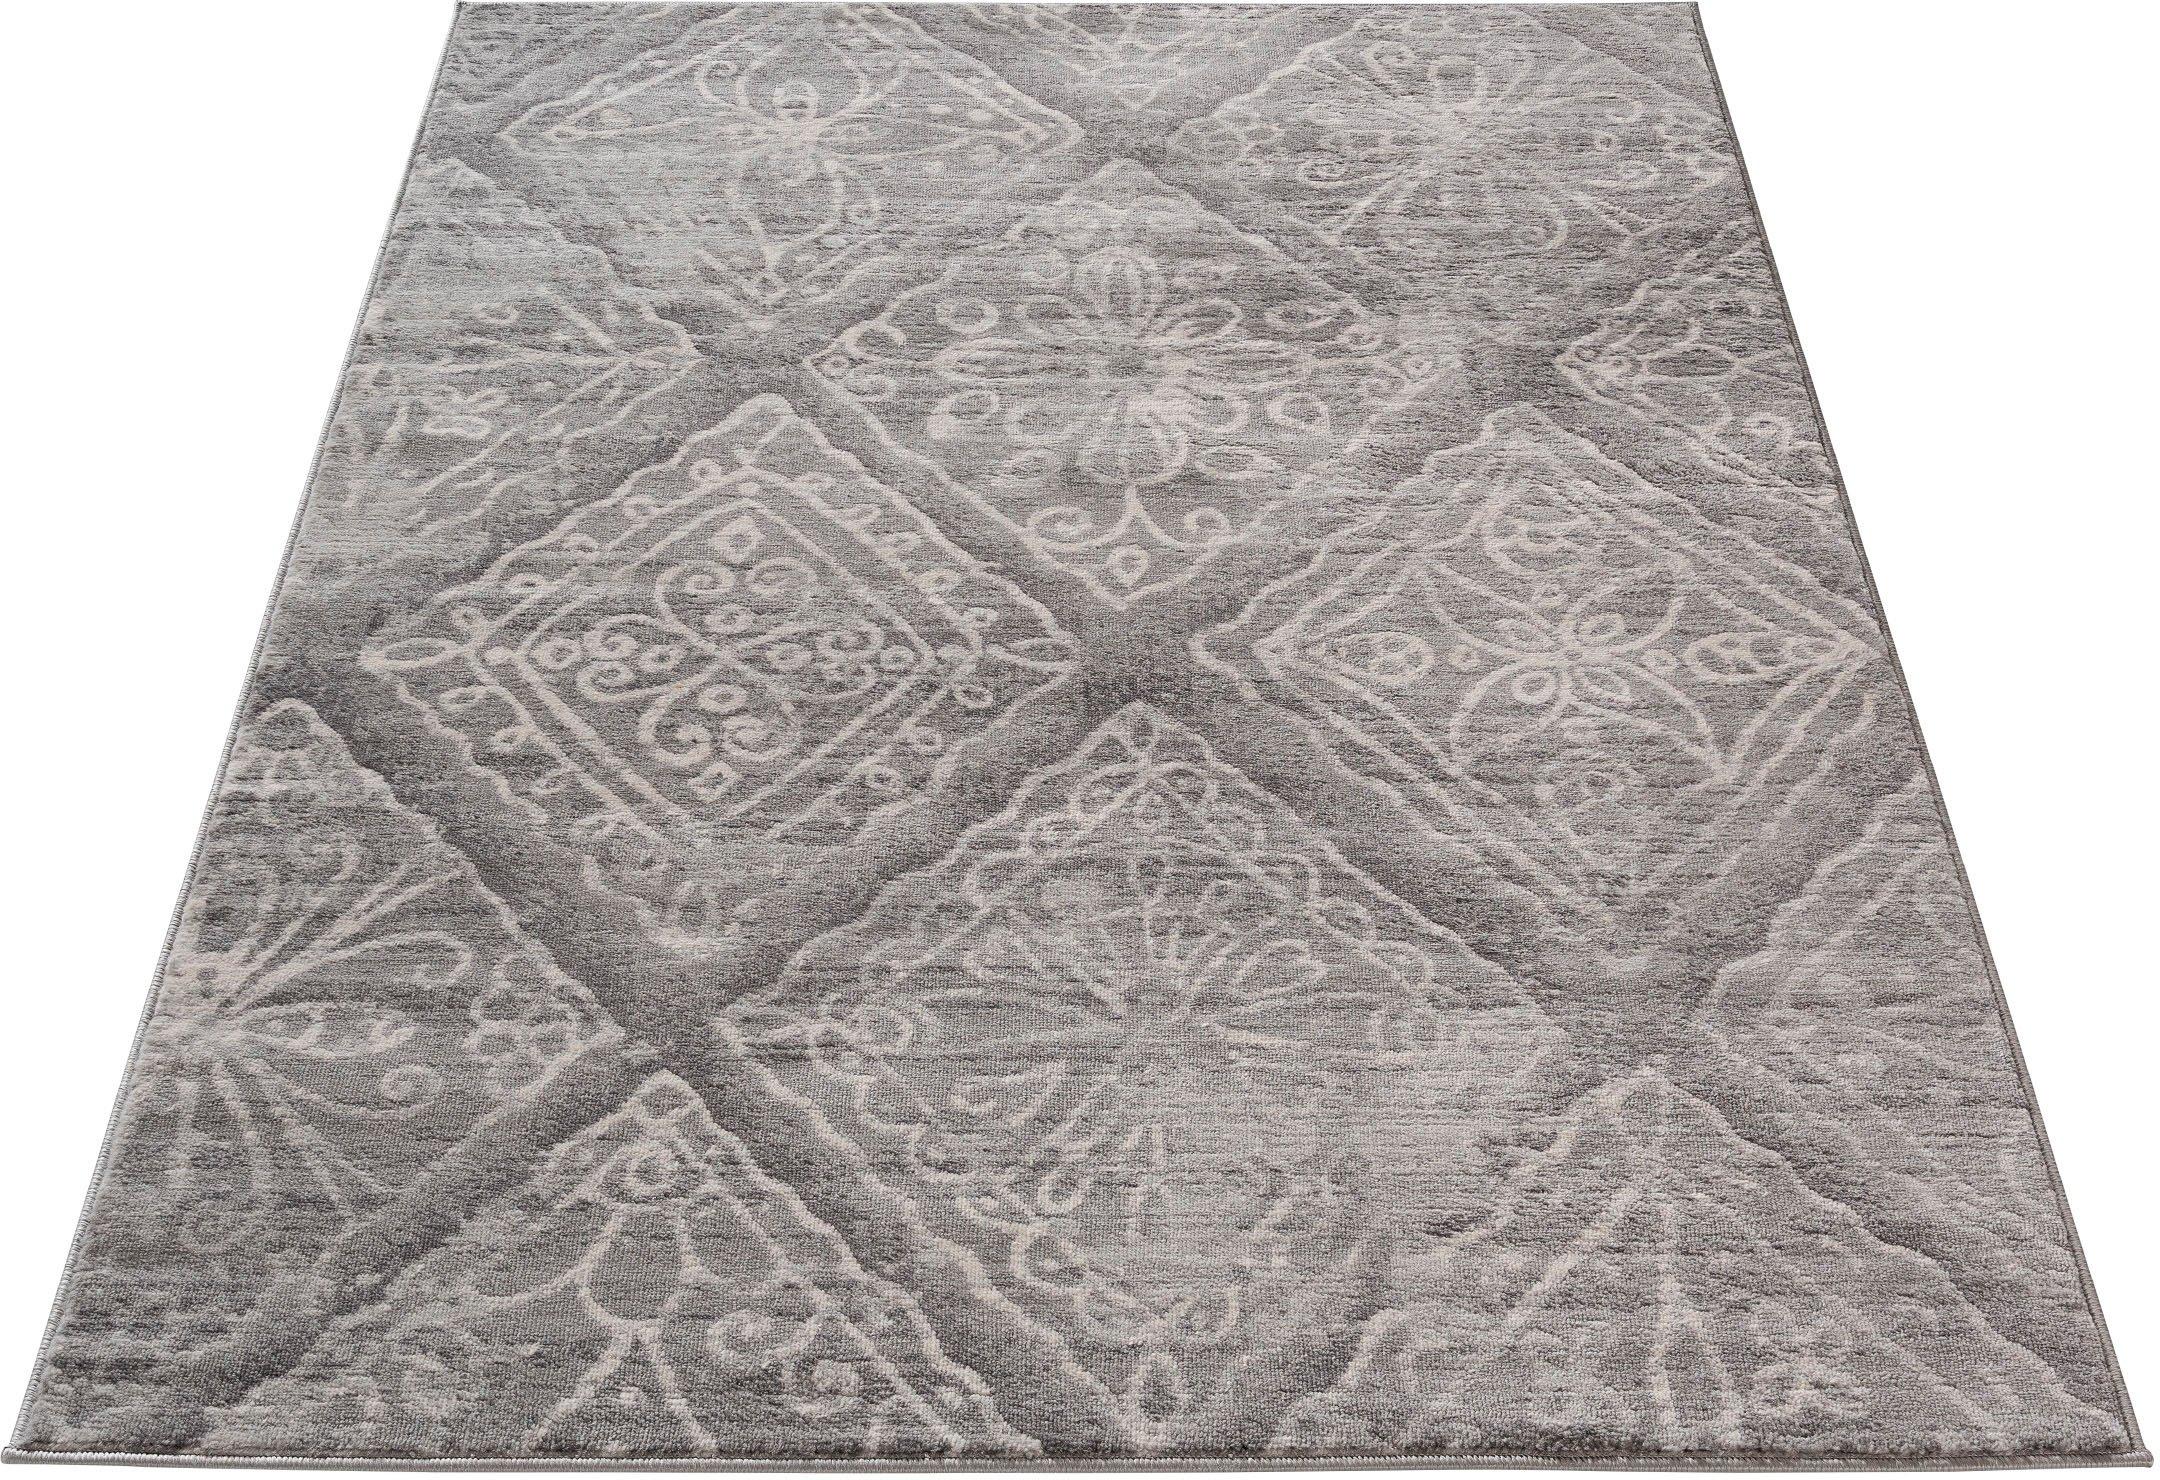 Sehrazat oosters tapijt Montana 3734 Woonkamer - verschillende betaalmethodes